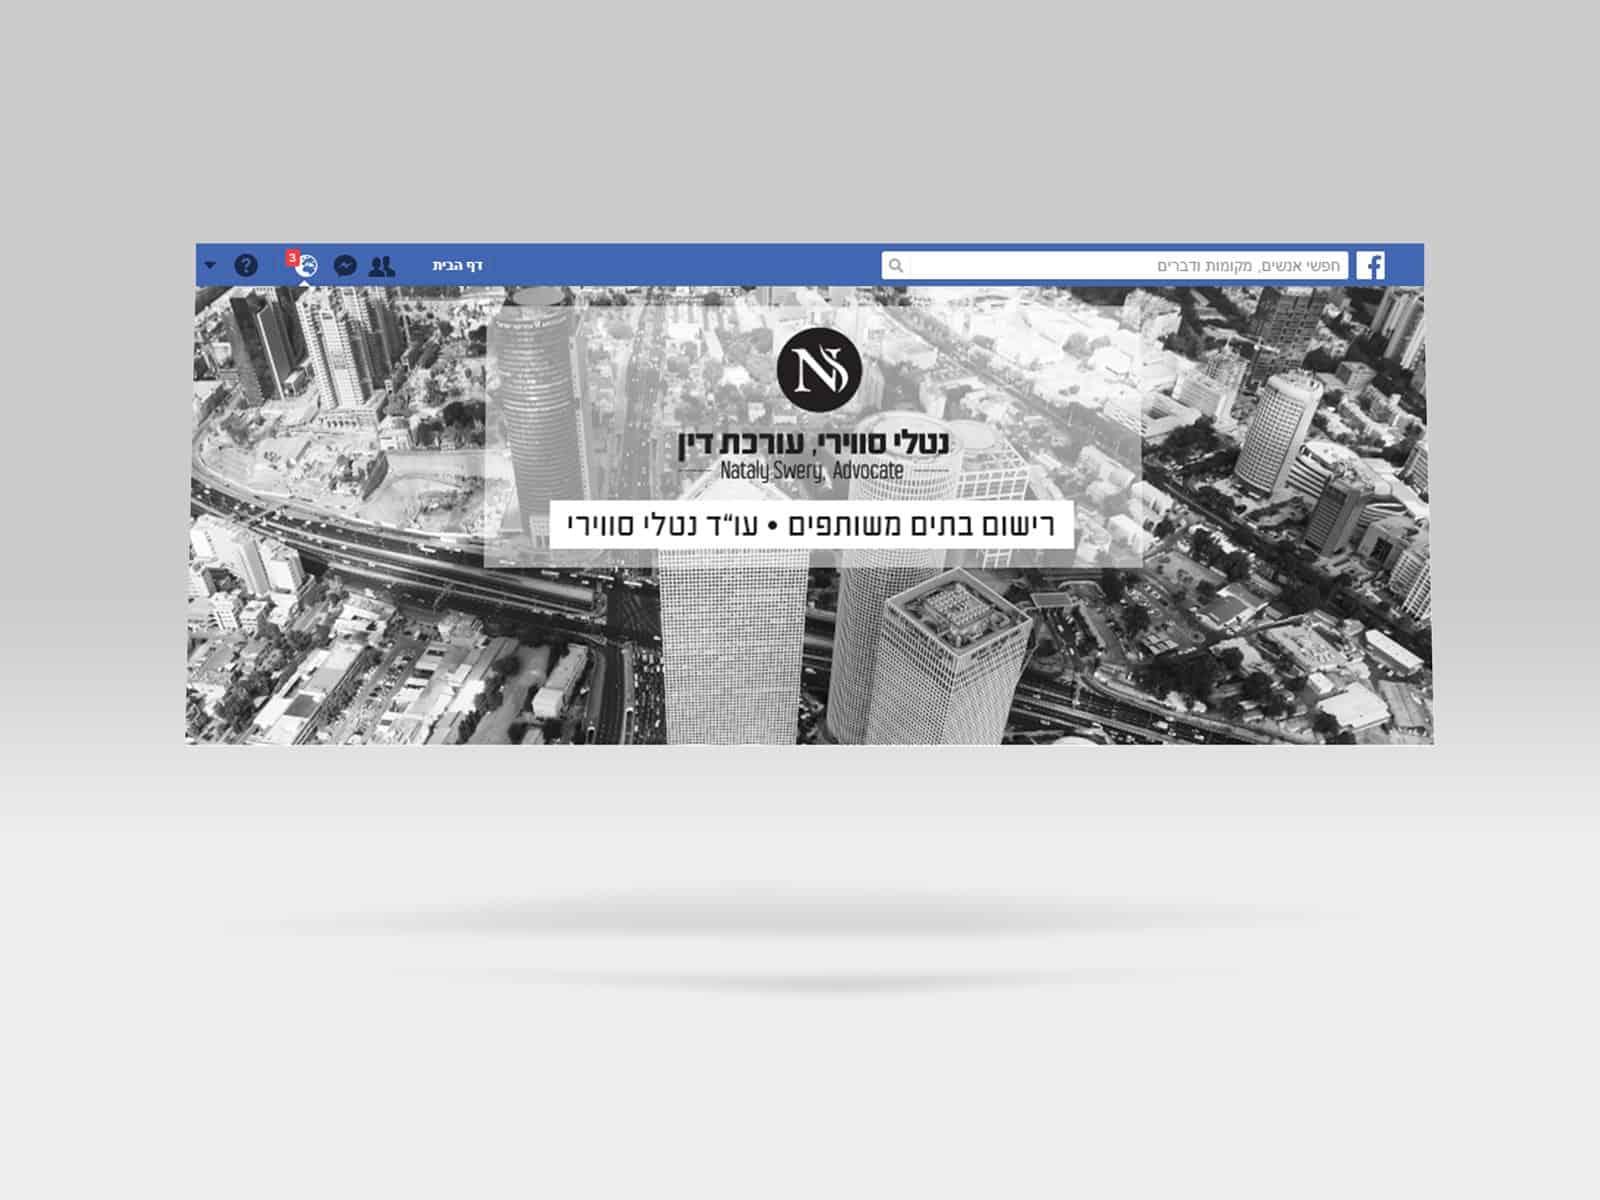 דף פייסבוק לעורכת דין שחור-לבן נטלי סווירי